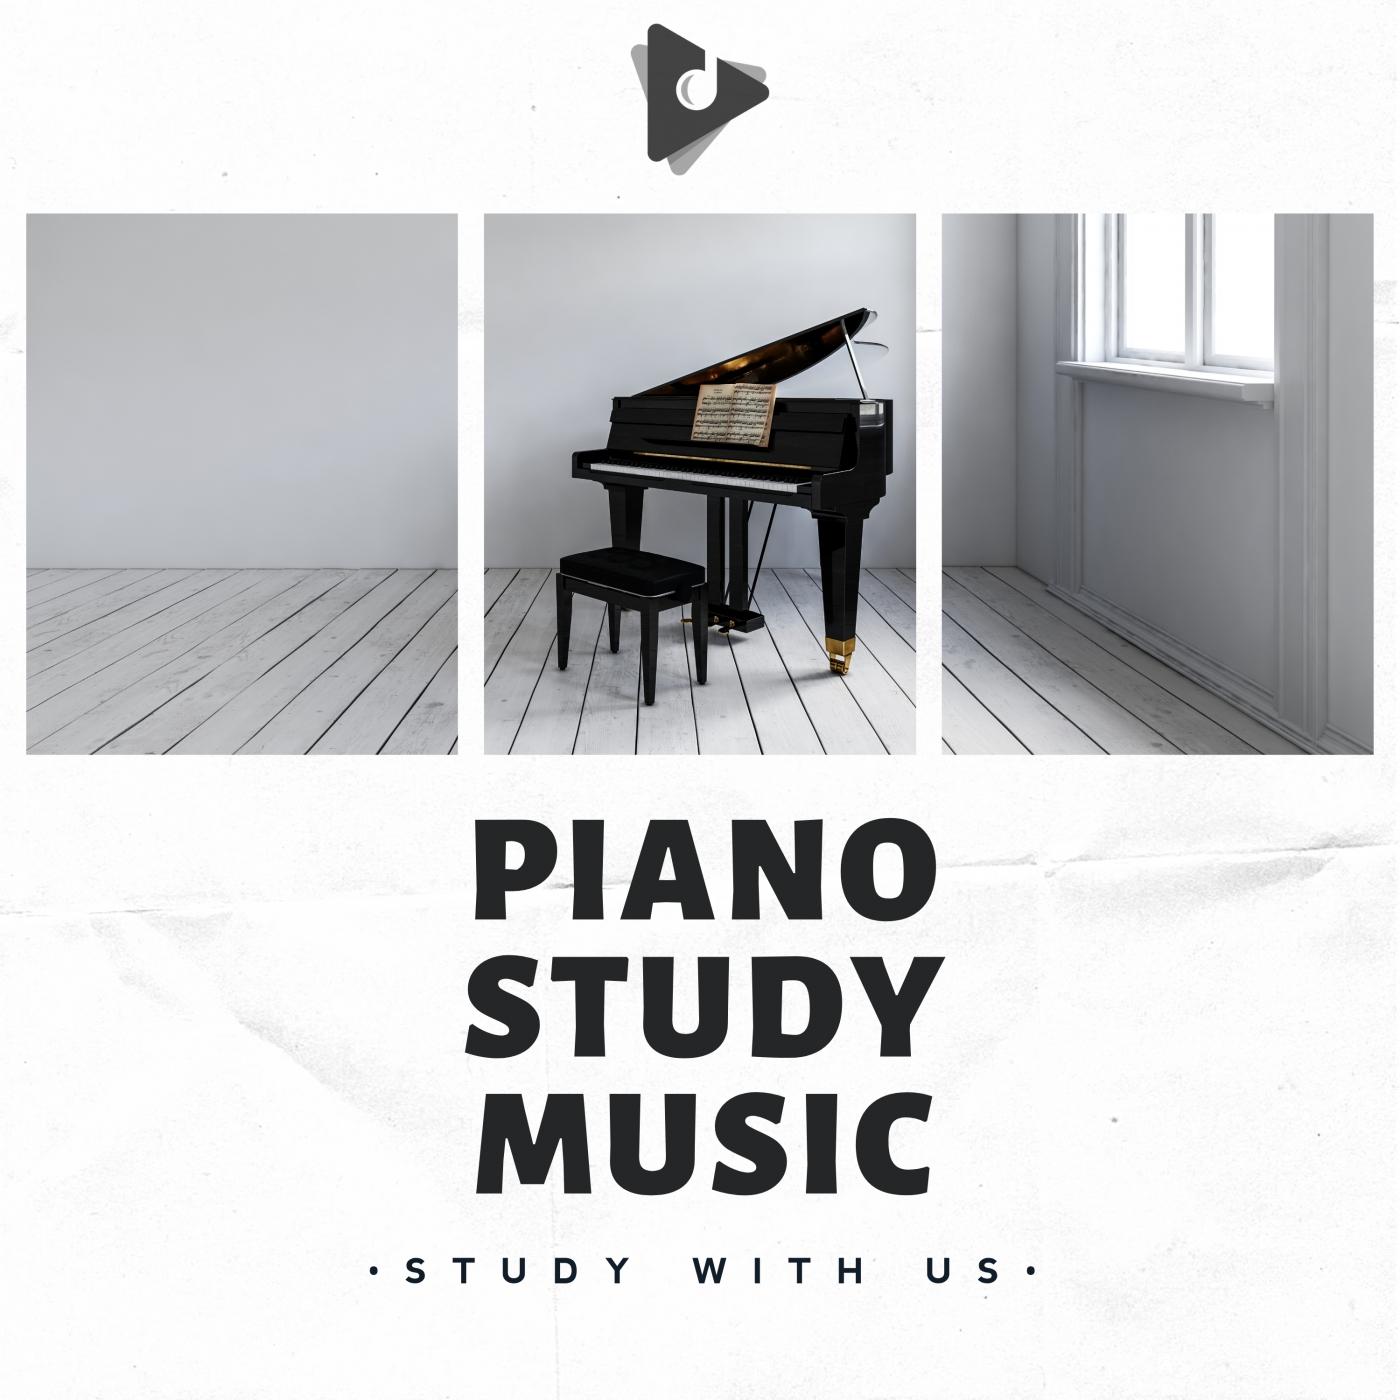 Piano Study Music